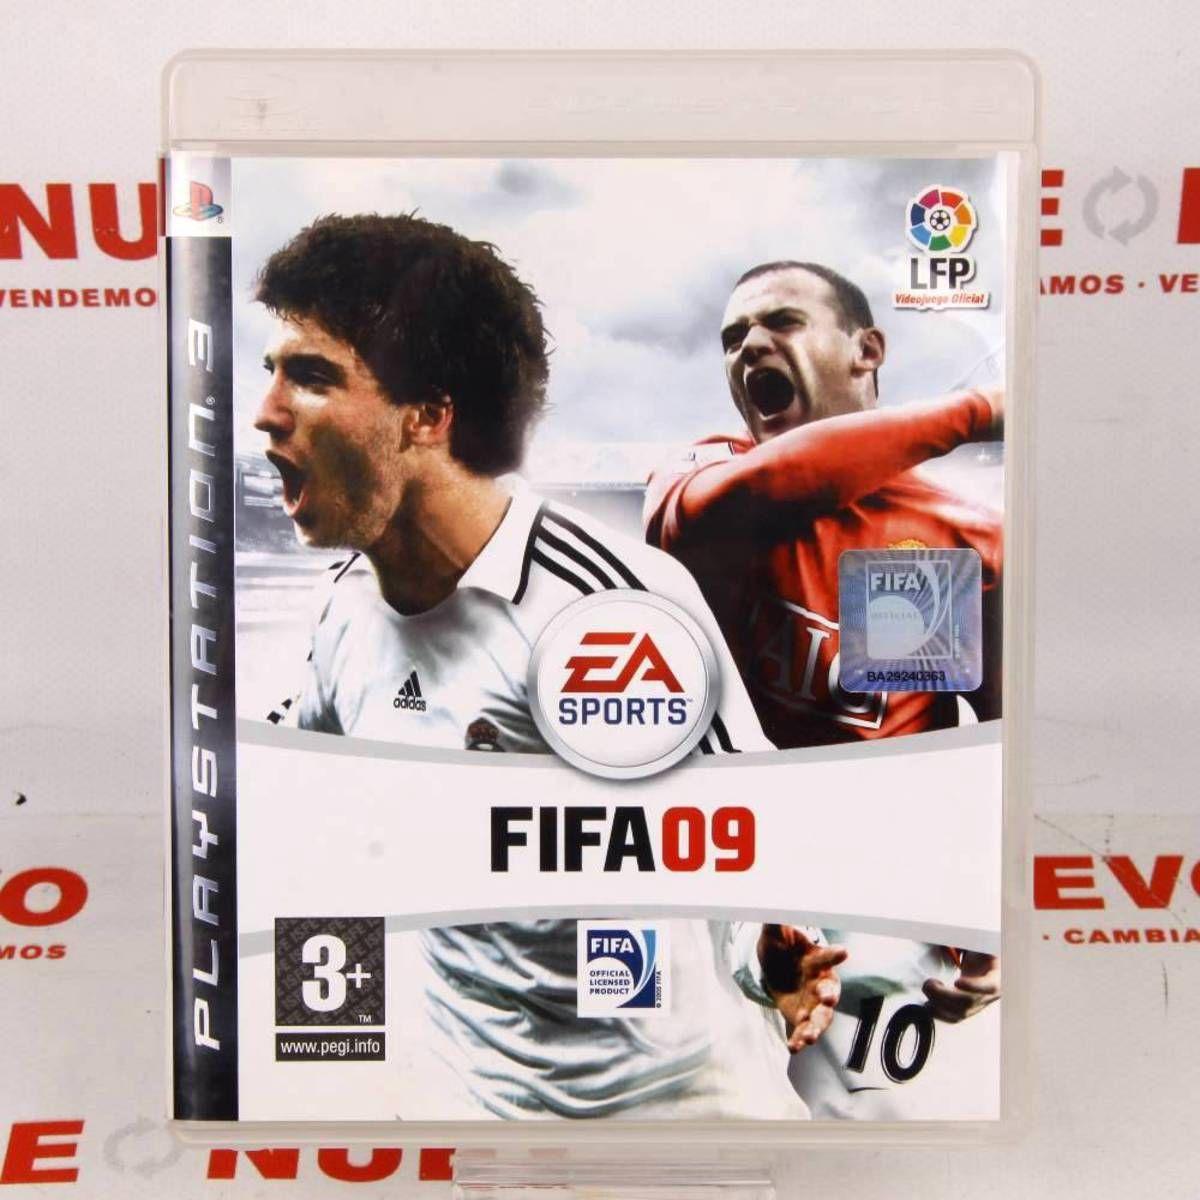 # FIFA 09# para PS3# E271349# segundamano#